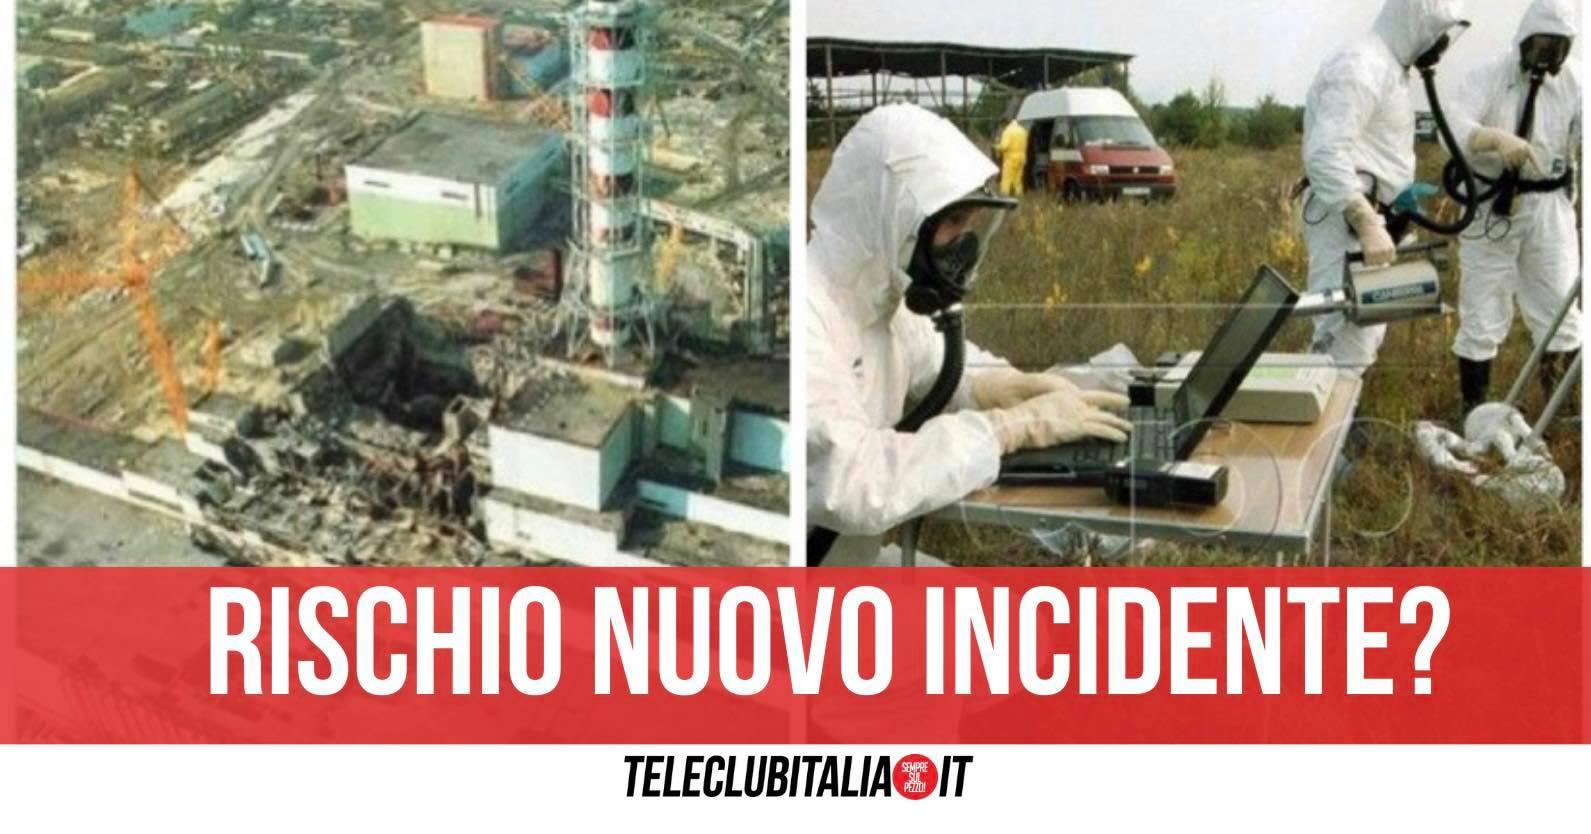 chernobyl riprende fissione nucleare